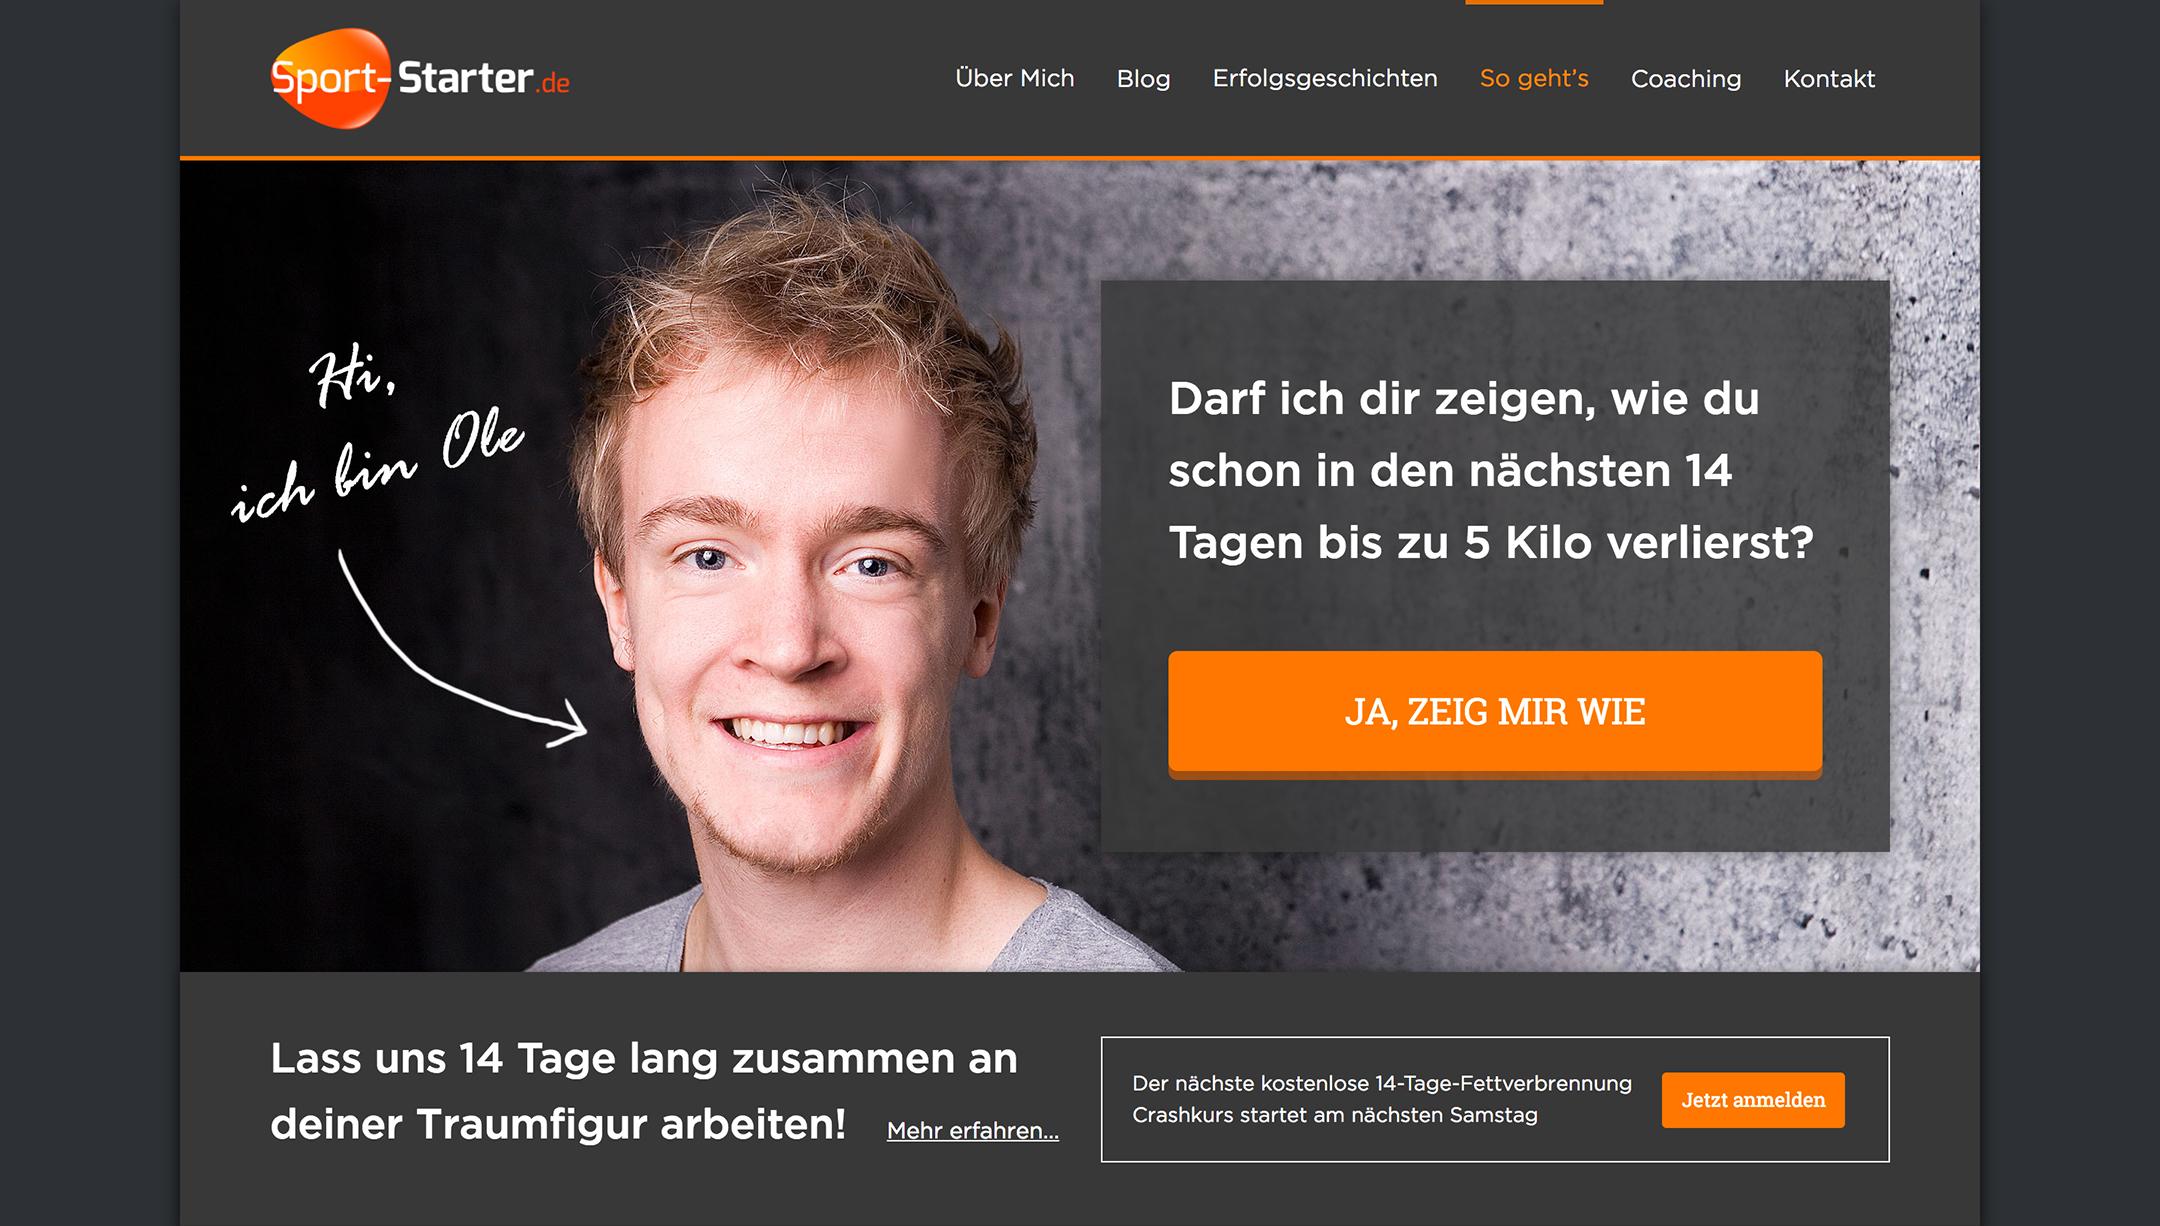 Complete Website Design for Sport Starter